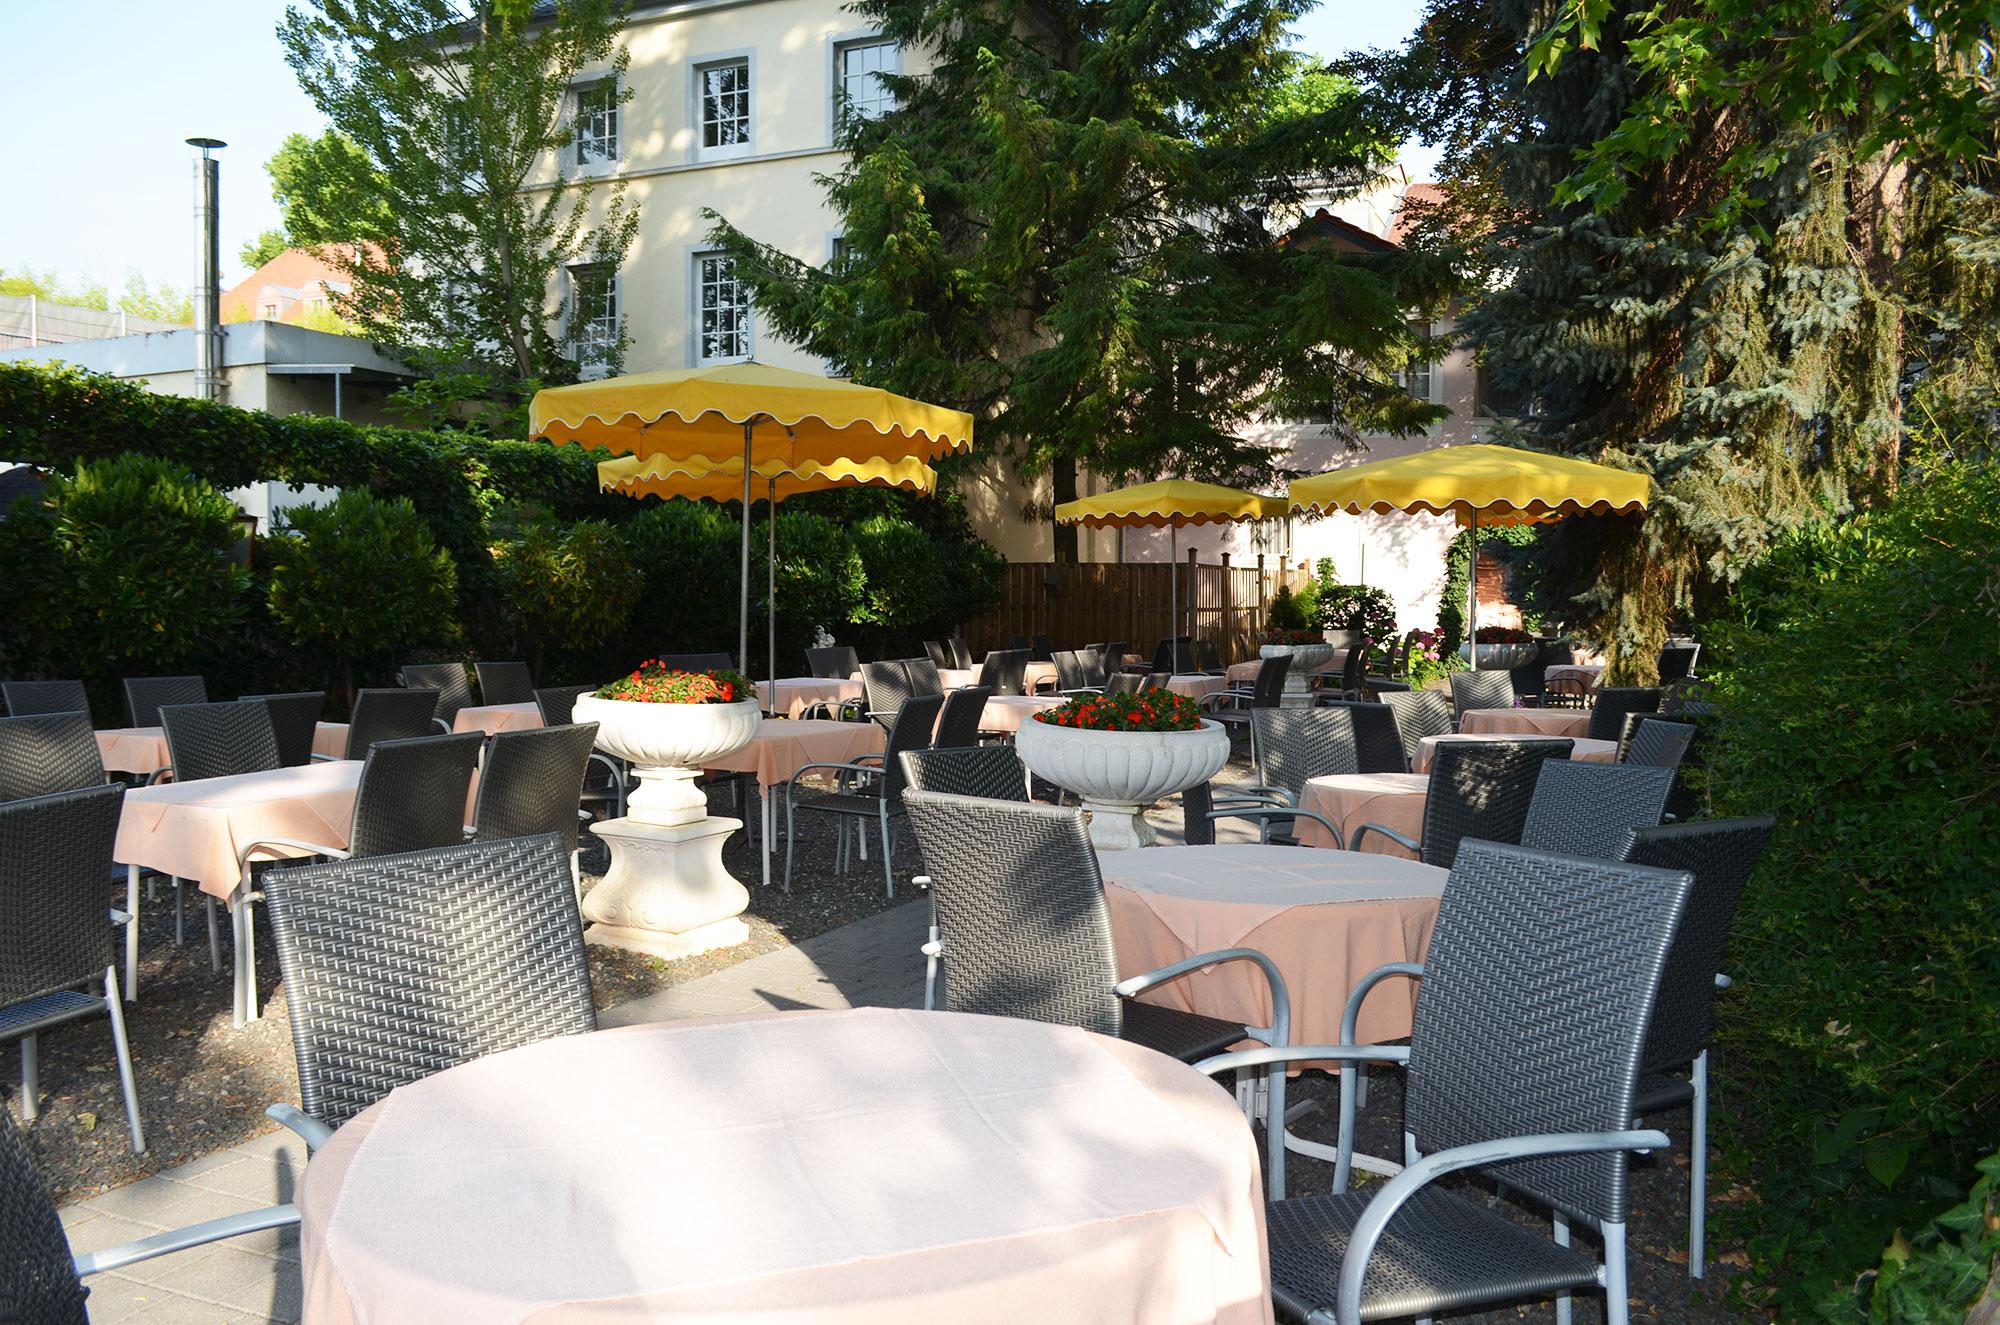 cafe-wahl-galerie-02